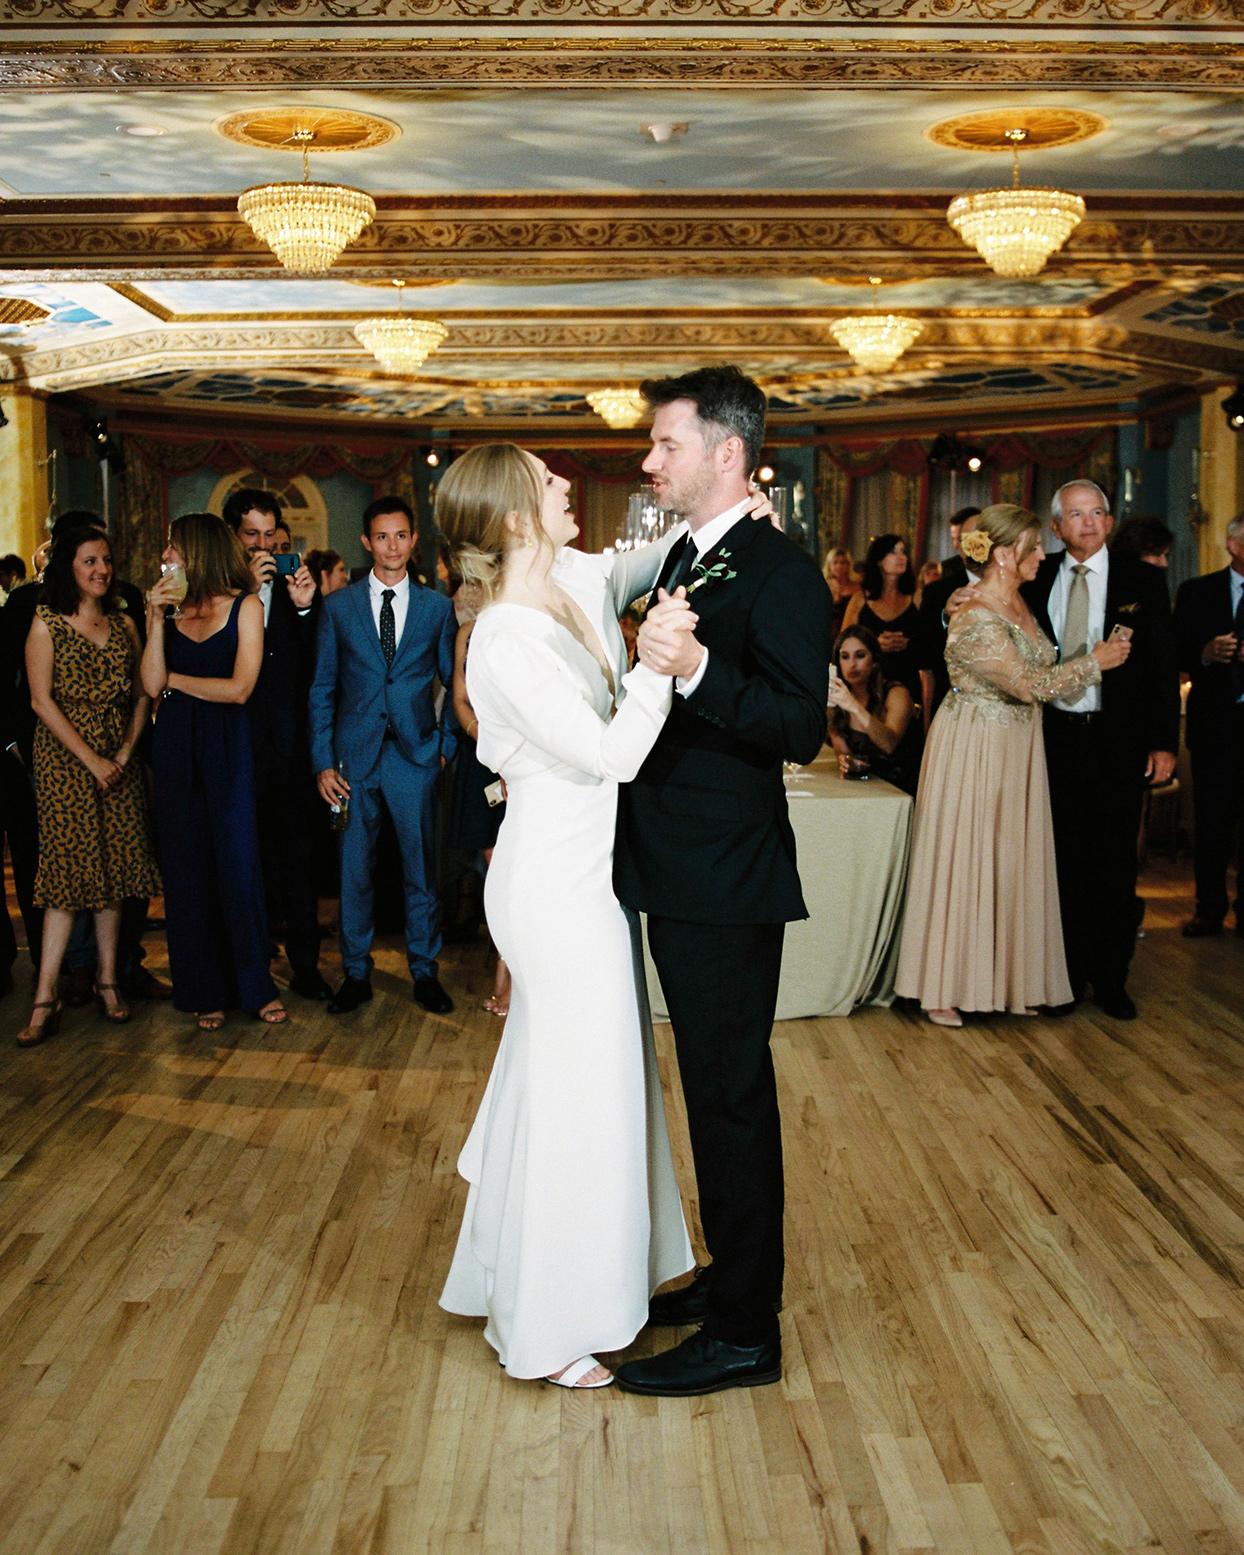 katie nicholas wedding first dance in ballroom